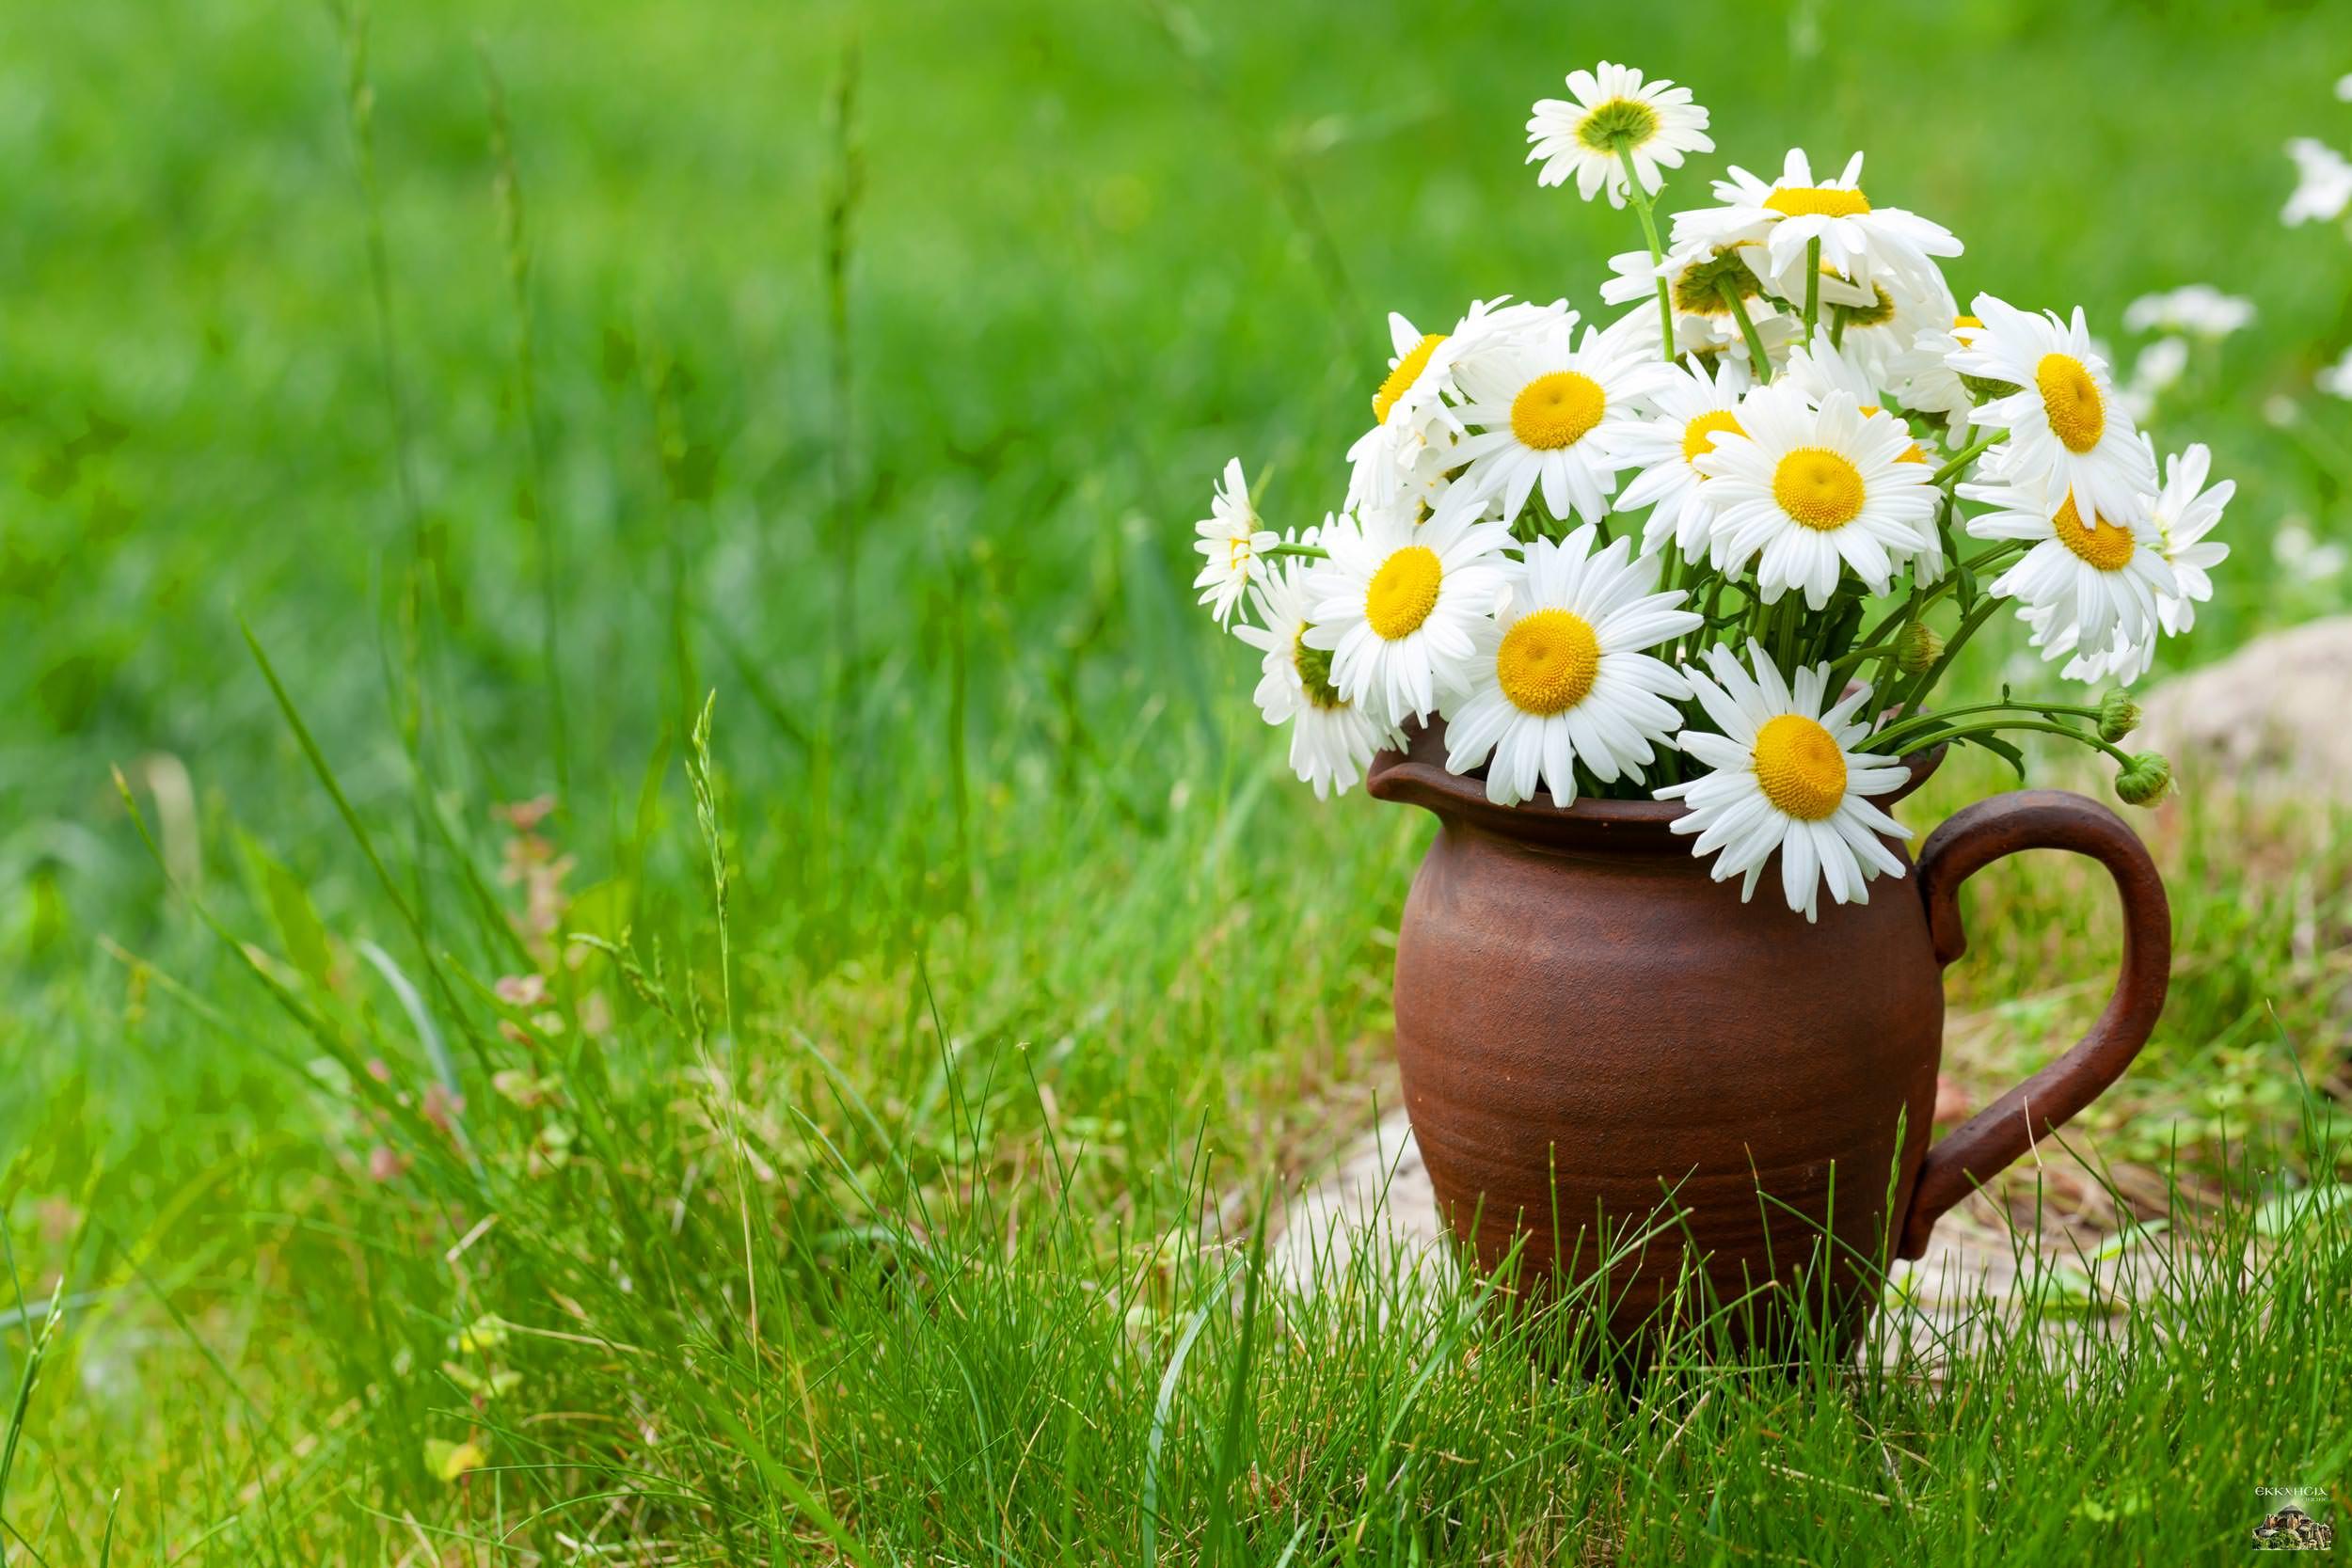 Εορτολόγιο Γιορτή σήμερα λουλούδια